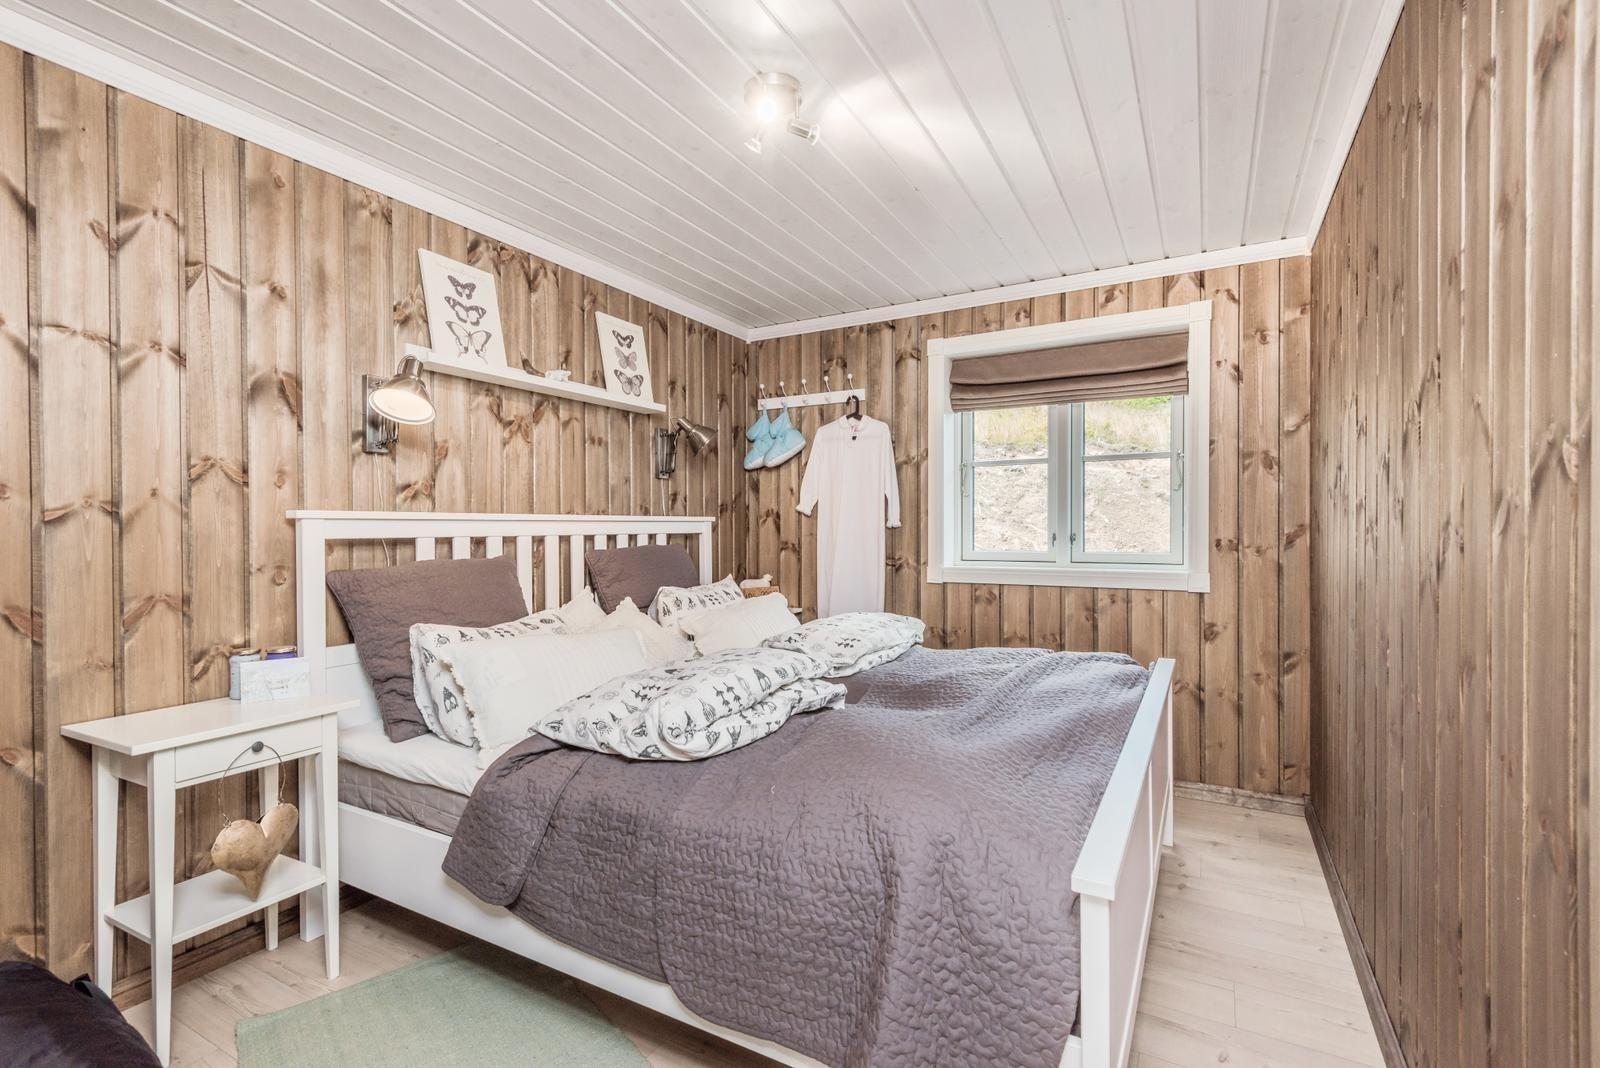 Dette er vår fantastiske Tradisjons hytte modell, TIUR. Dette er en spesialtilpasset hytte, der våre arkitekter har tegnet en perfekt og stor hytte for hele den store familien - med barn & barnebarn!